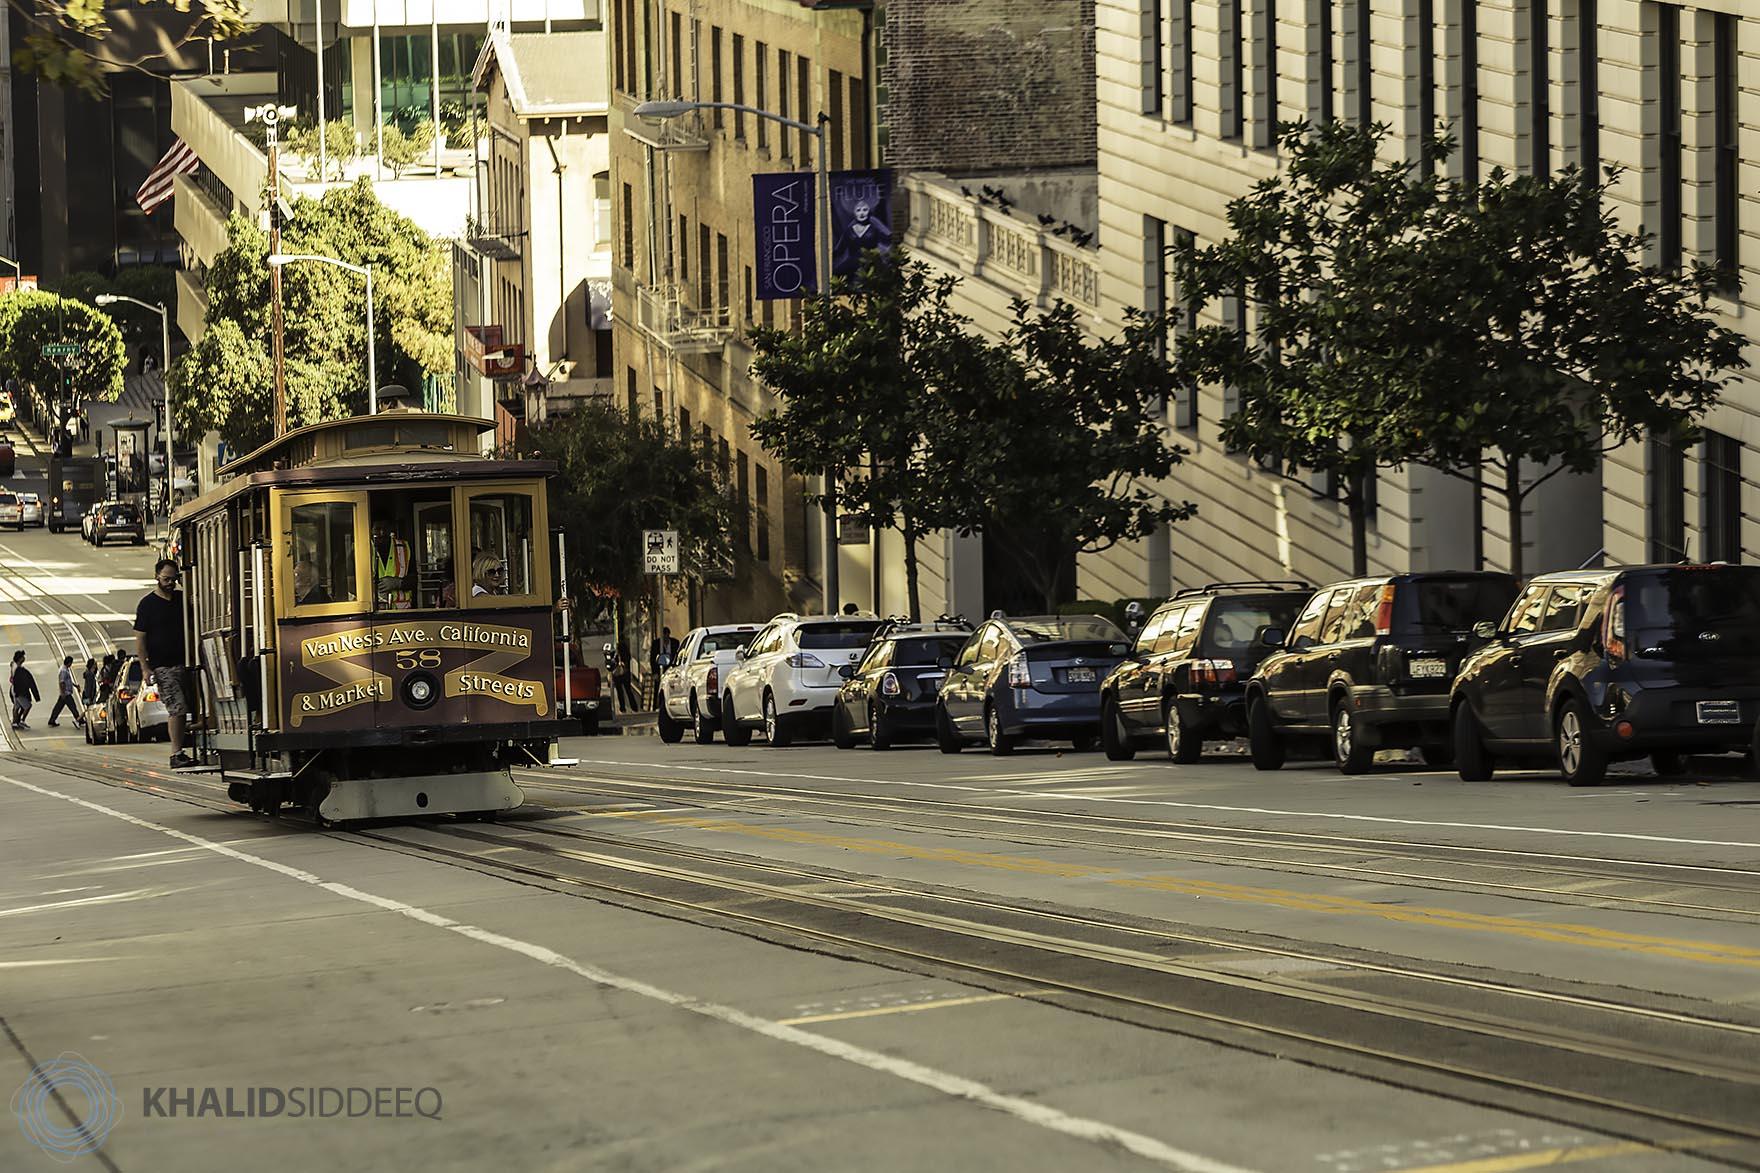 سان فرانسيسكو، أمريكا الشمالية